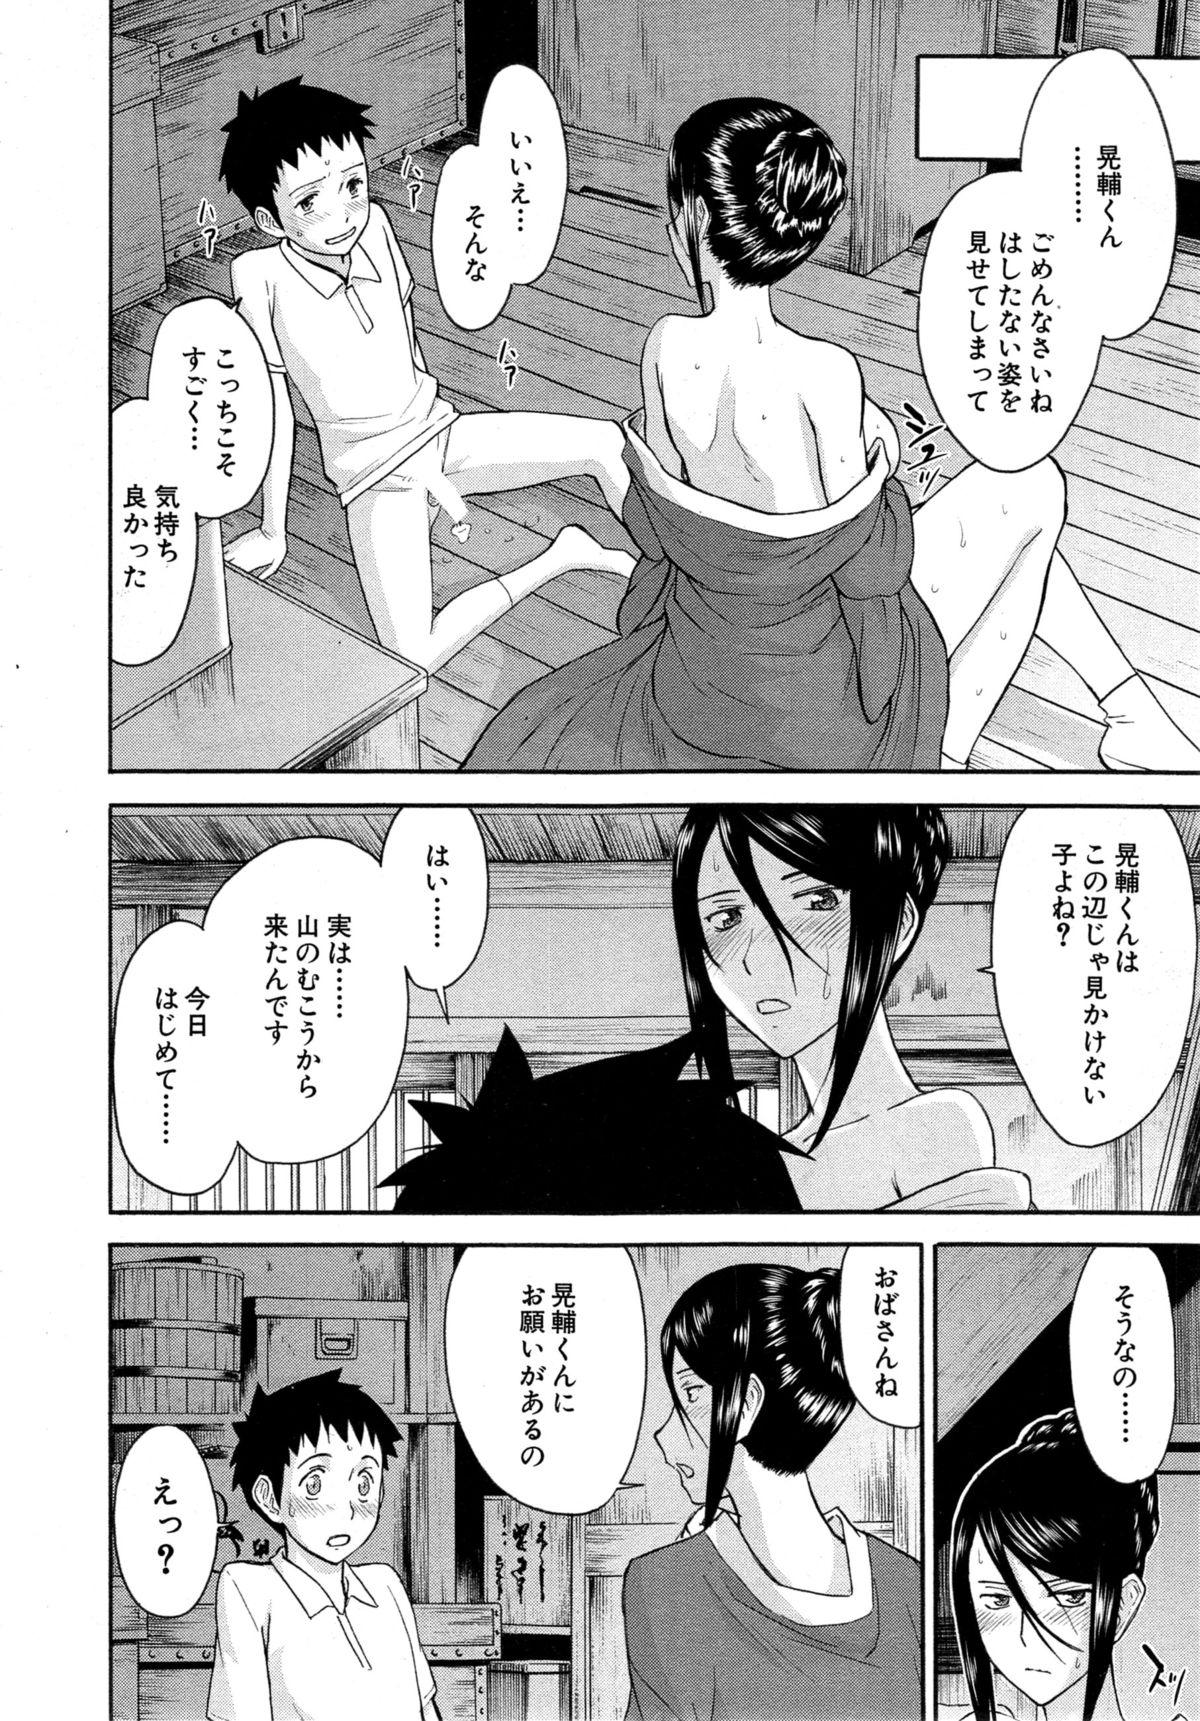 Zashikihime no Omocha Ch. 1-6 27